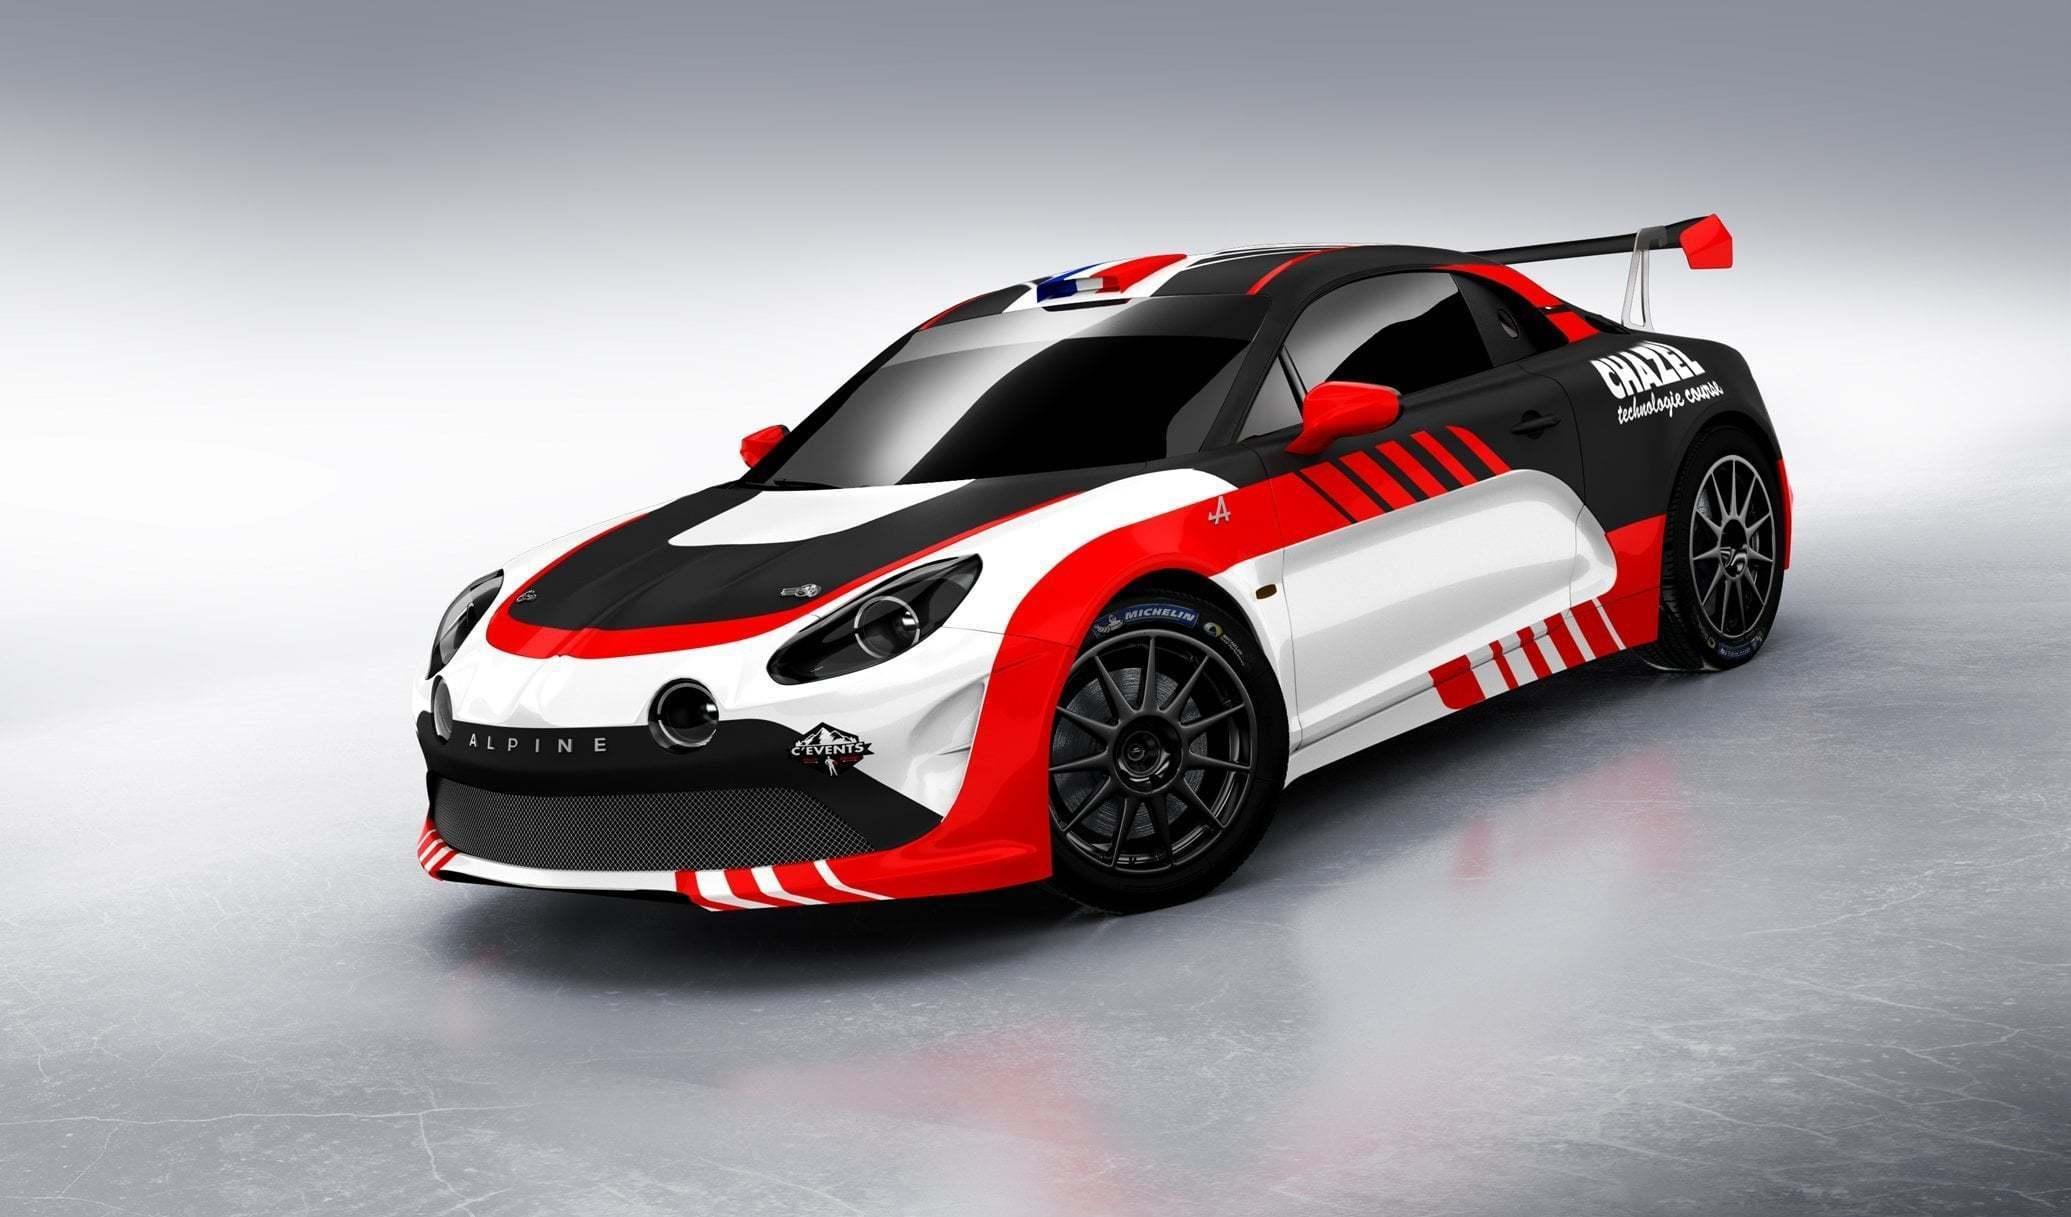 Le Team Chazel Technologie Course engagera une Alpine A110 R-GT en 2020 3